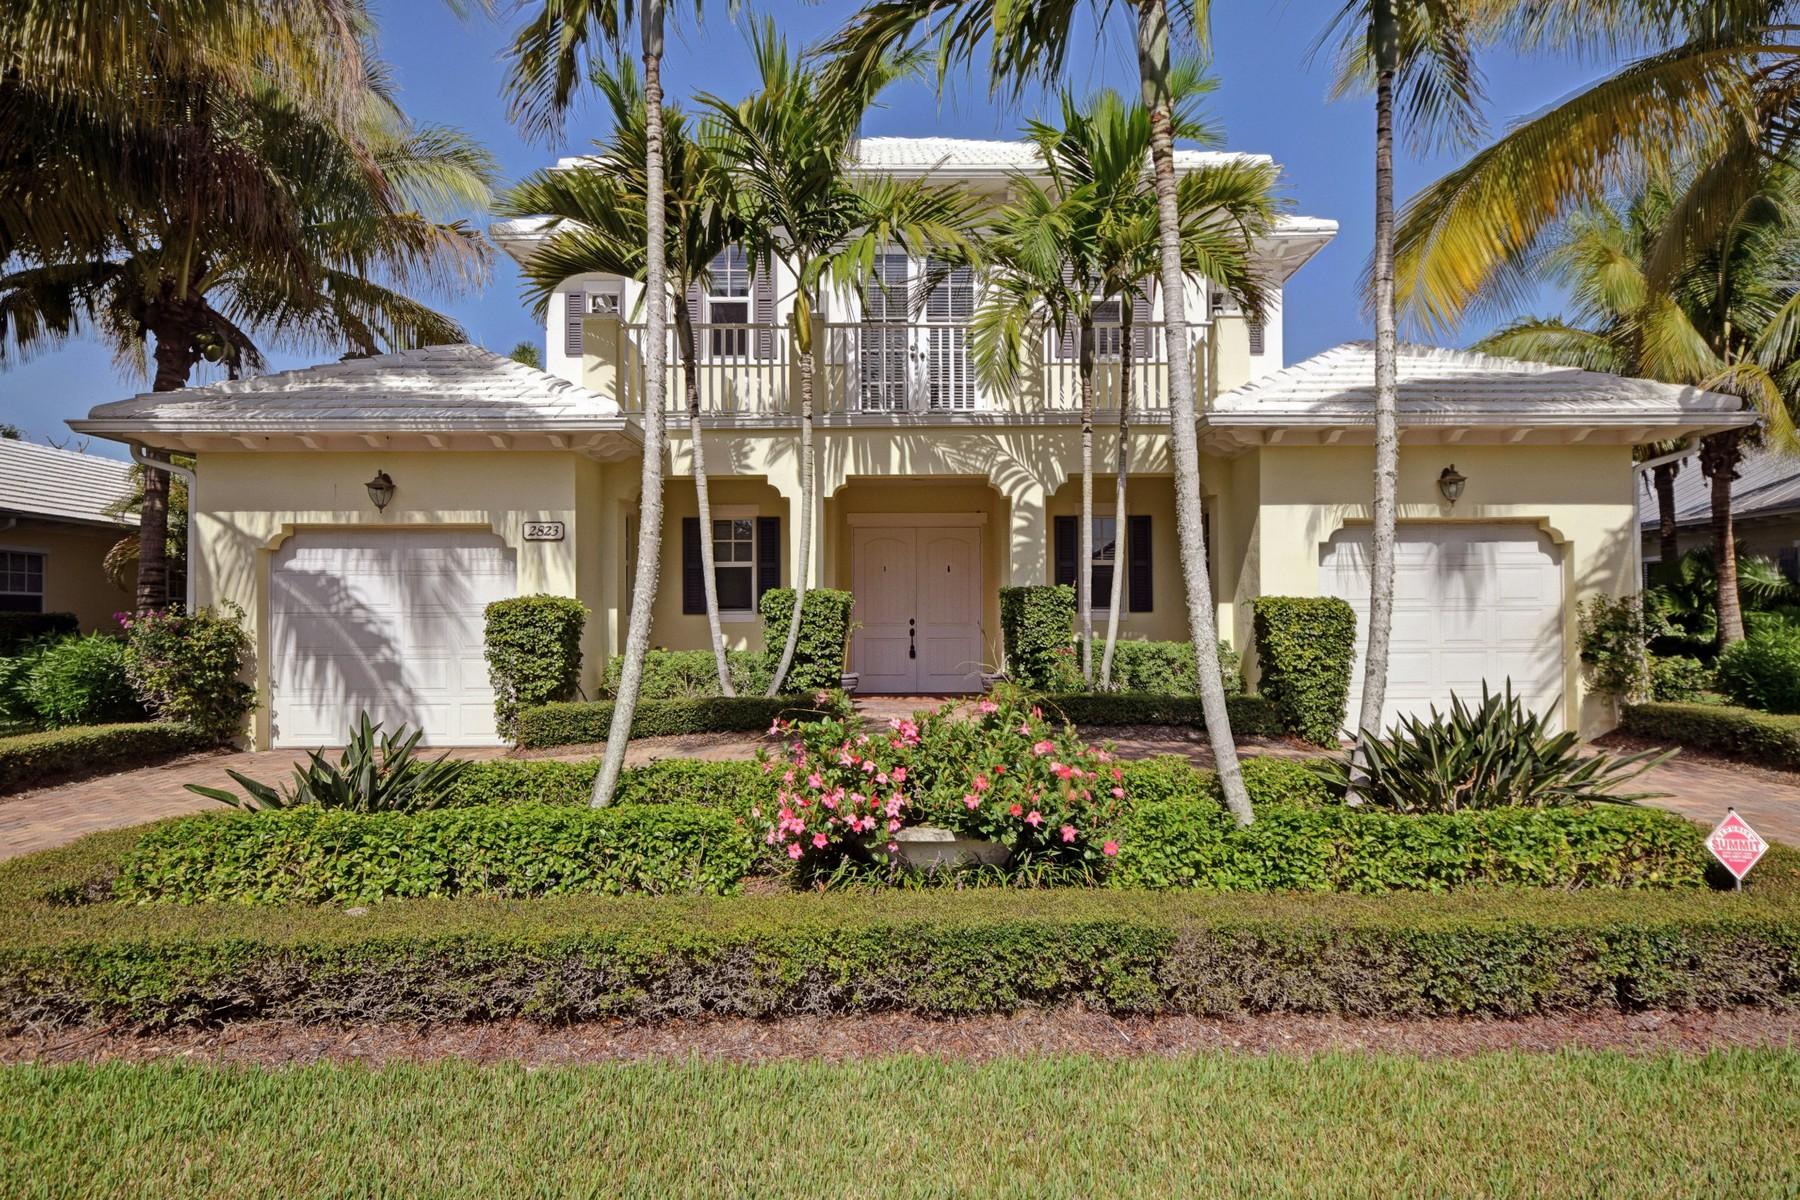 단독 가정 주택 용 매매 에 Spectacular home in the Antilles 2823 St Barts Square Vero Beach, 플로리다 32967 미국